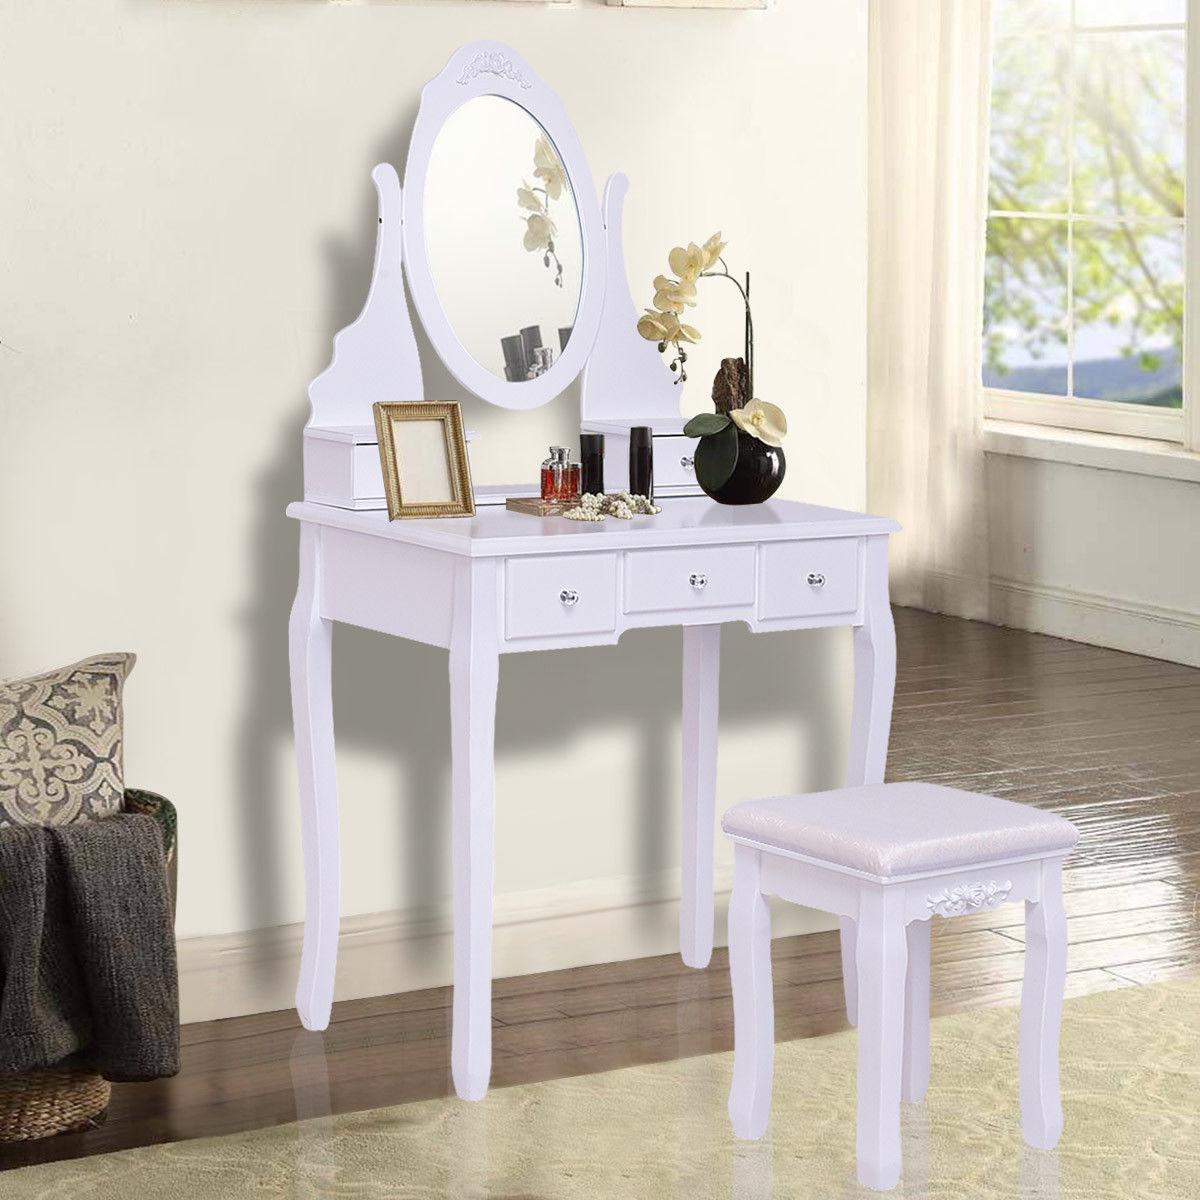 Giantex белый тщеславие ювелирные изделия деревянный макияж набор для туалета с зеркалом стула и 5 ящиками современная мебель для спальной Hw55564